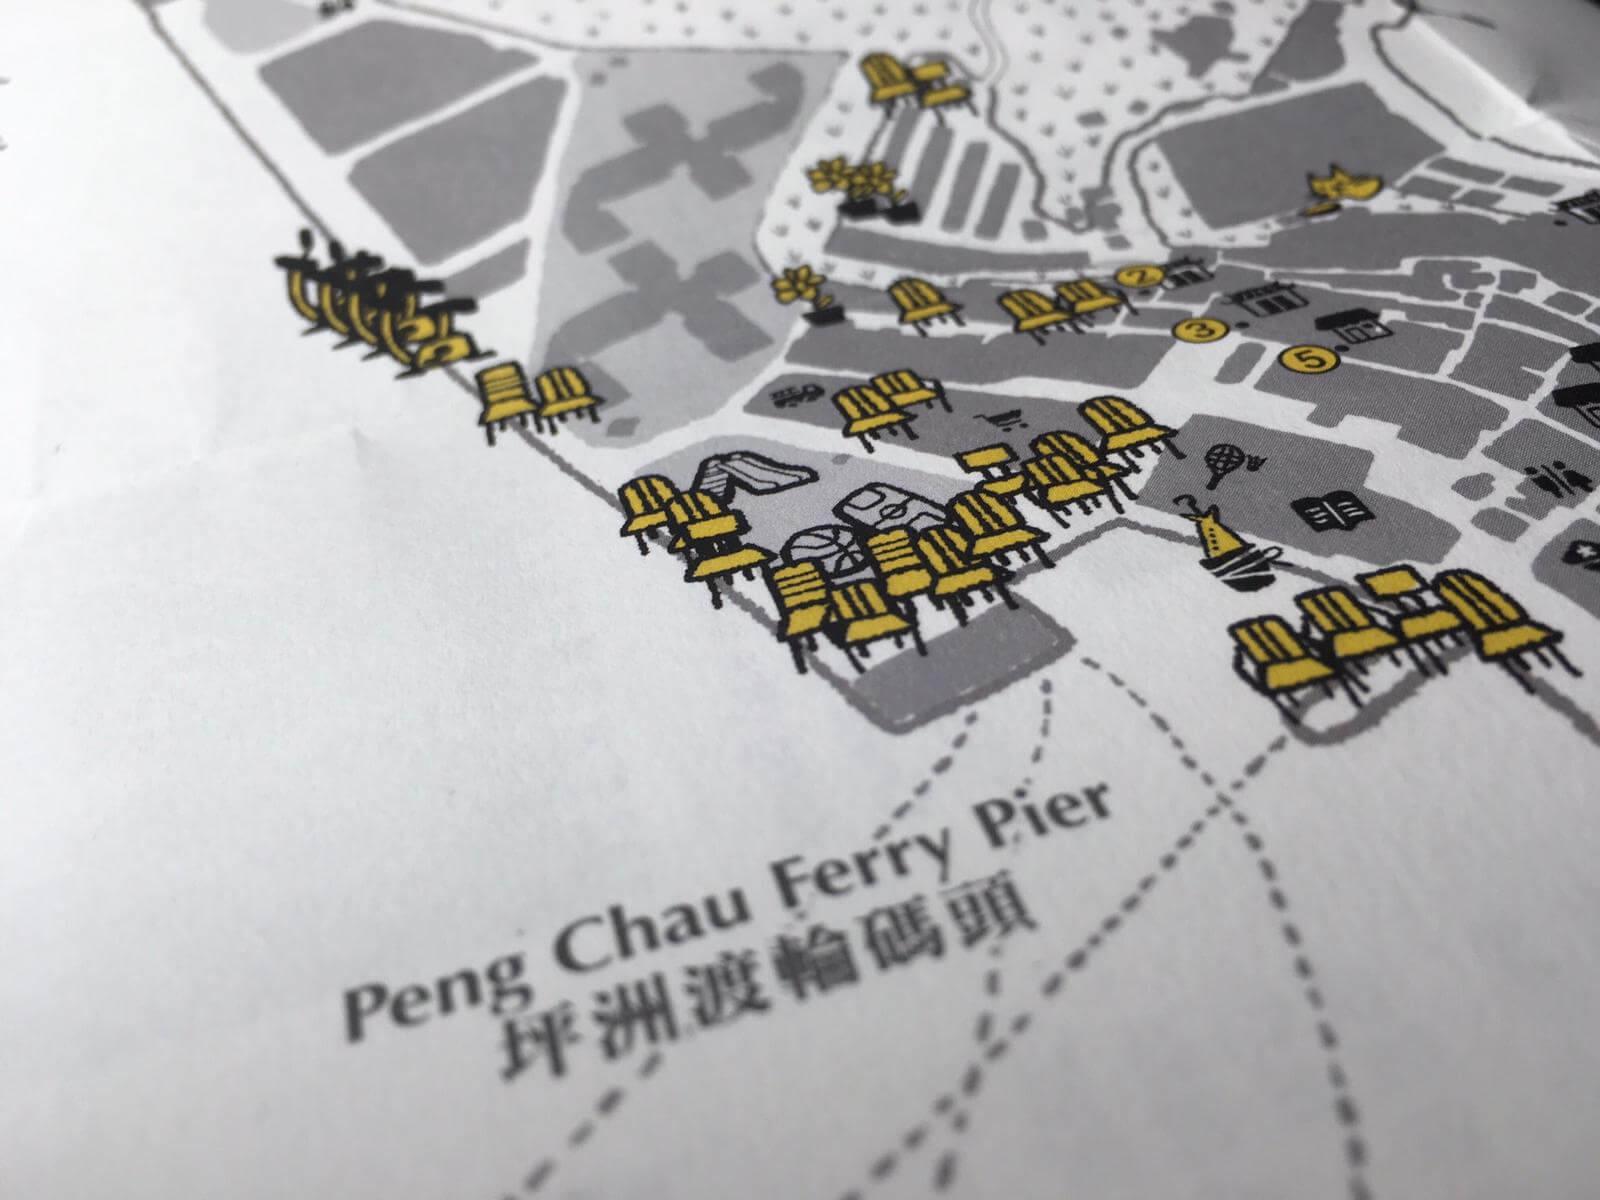 雜誌插圖由同樣是居住在坪洲的插畫師UUendy Lau負責